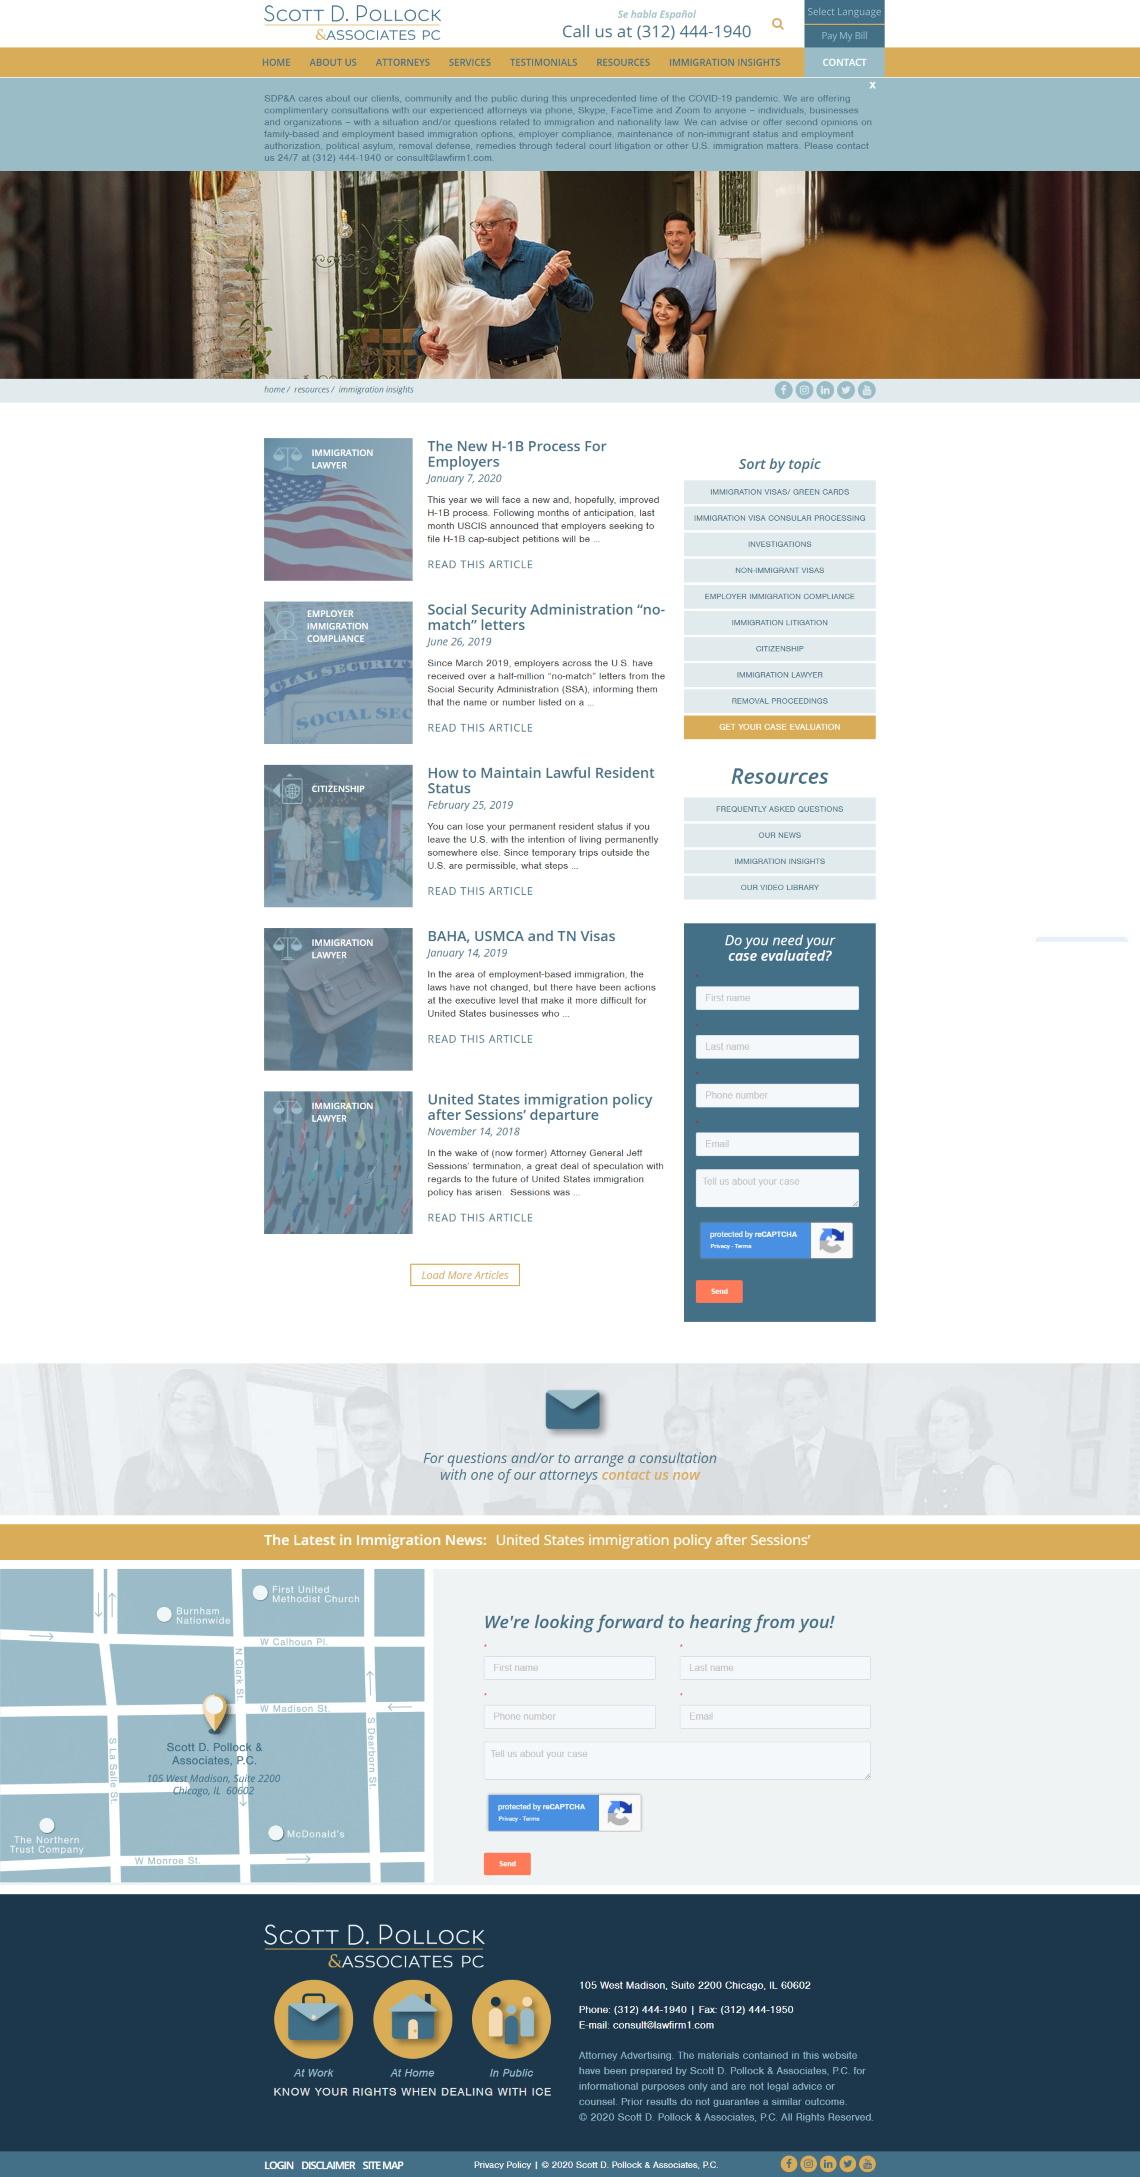 Scott D. Pollock & Associates Screenshot